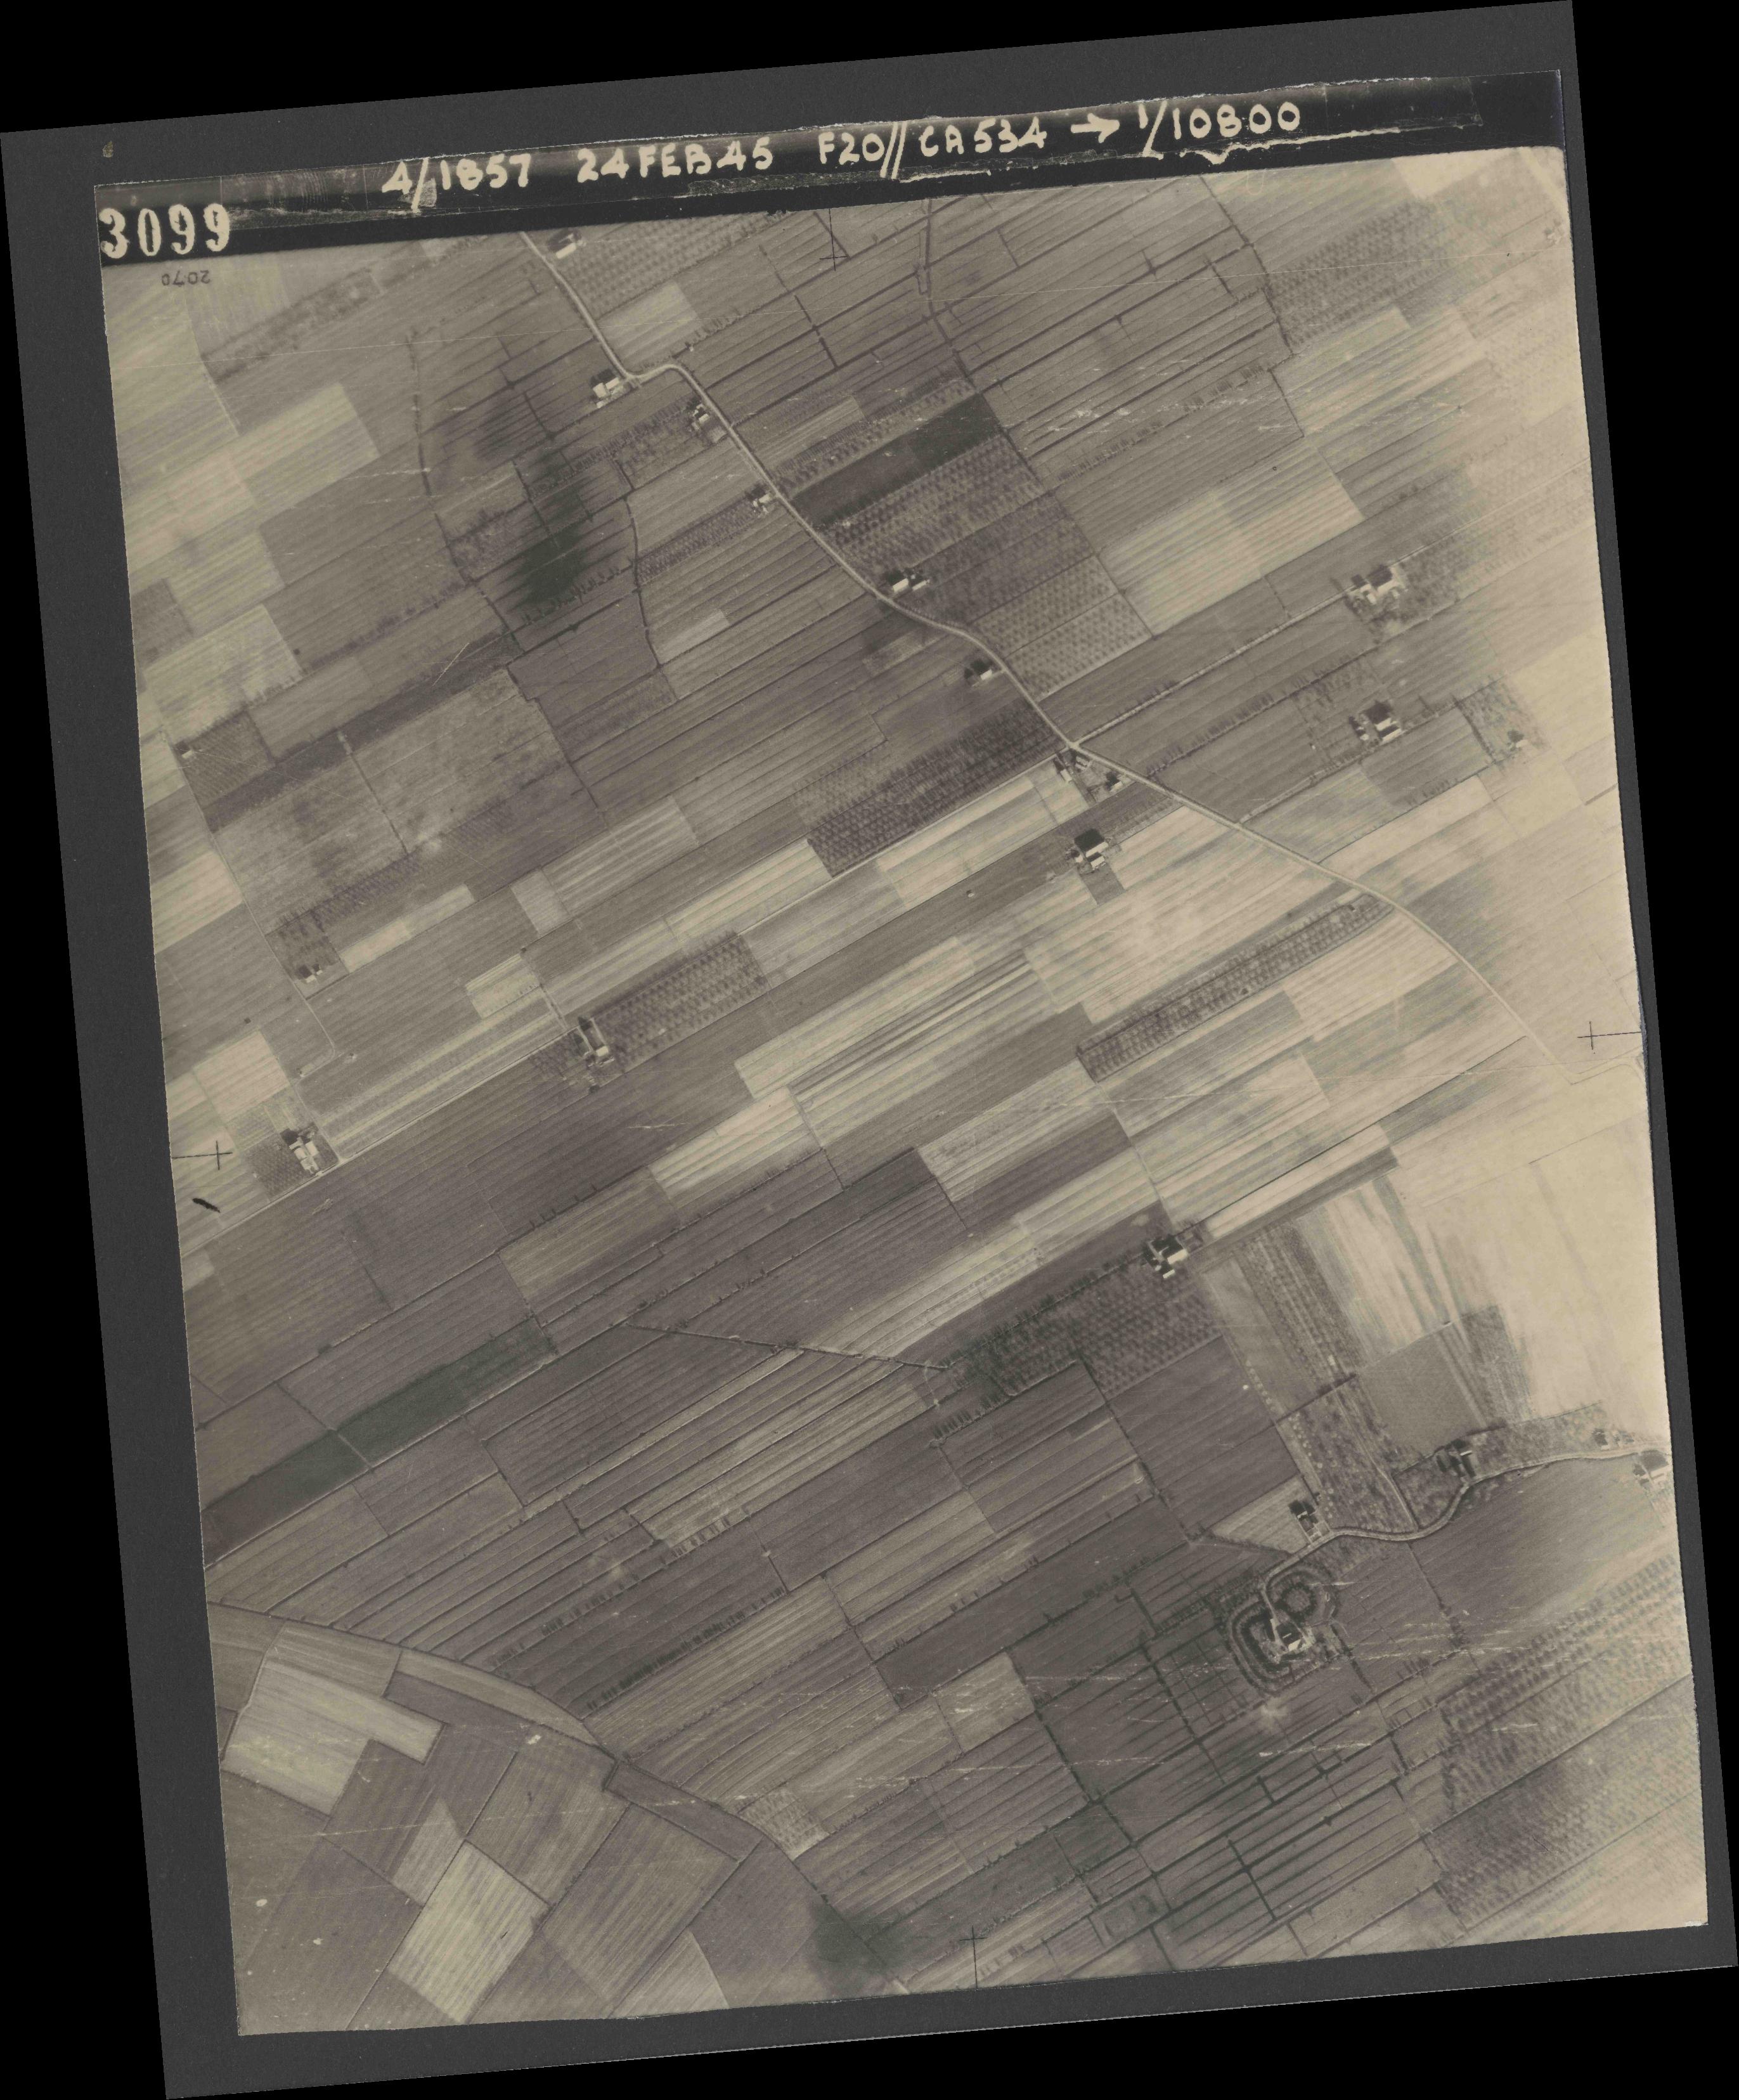 Collection RAF aerial photos 1940-1945 - flight 073, run 02, photo 3099